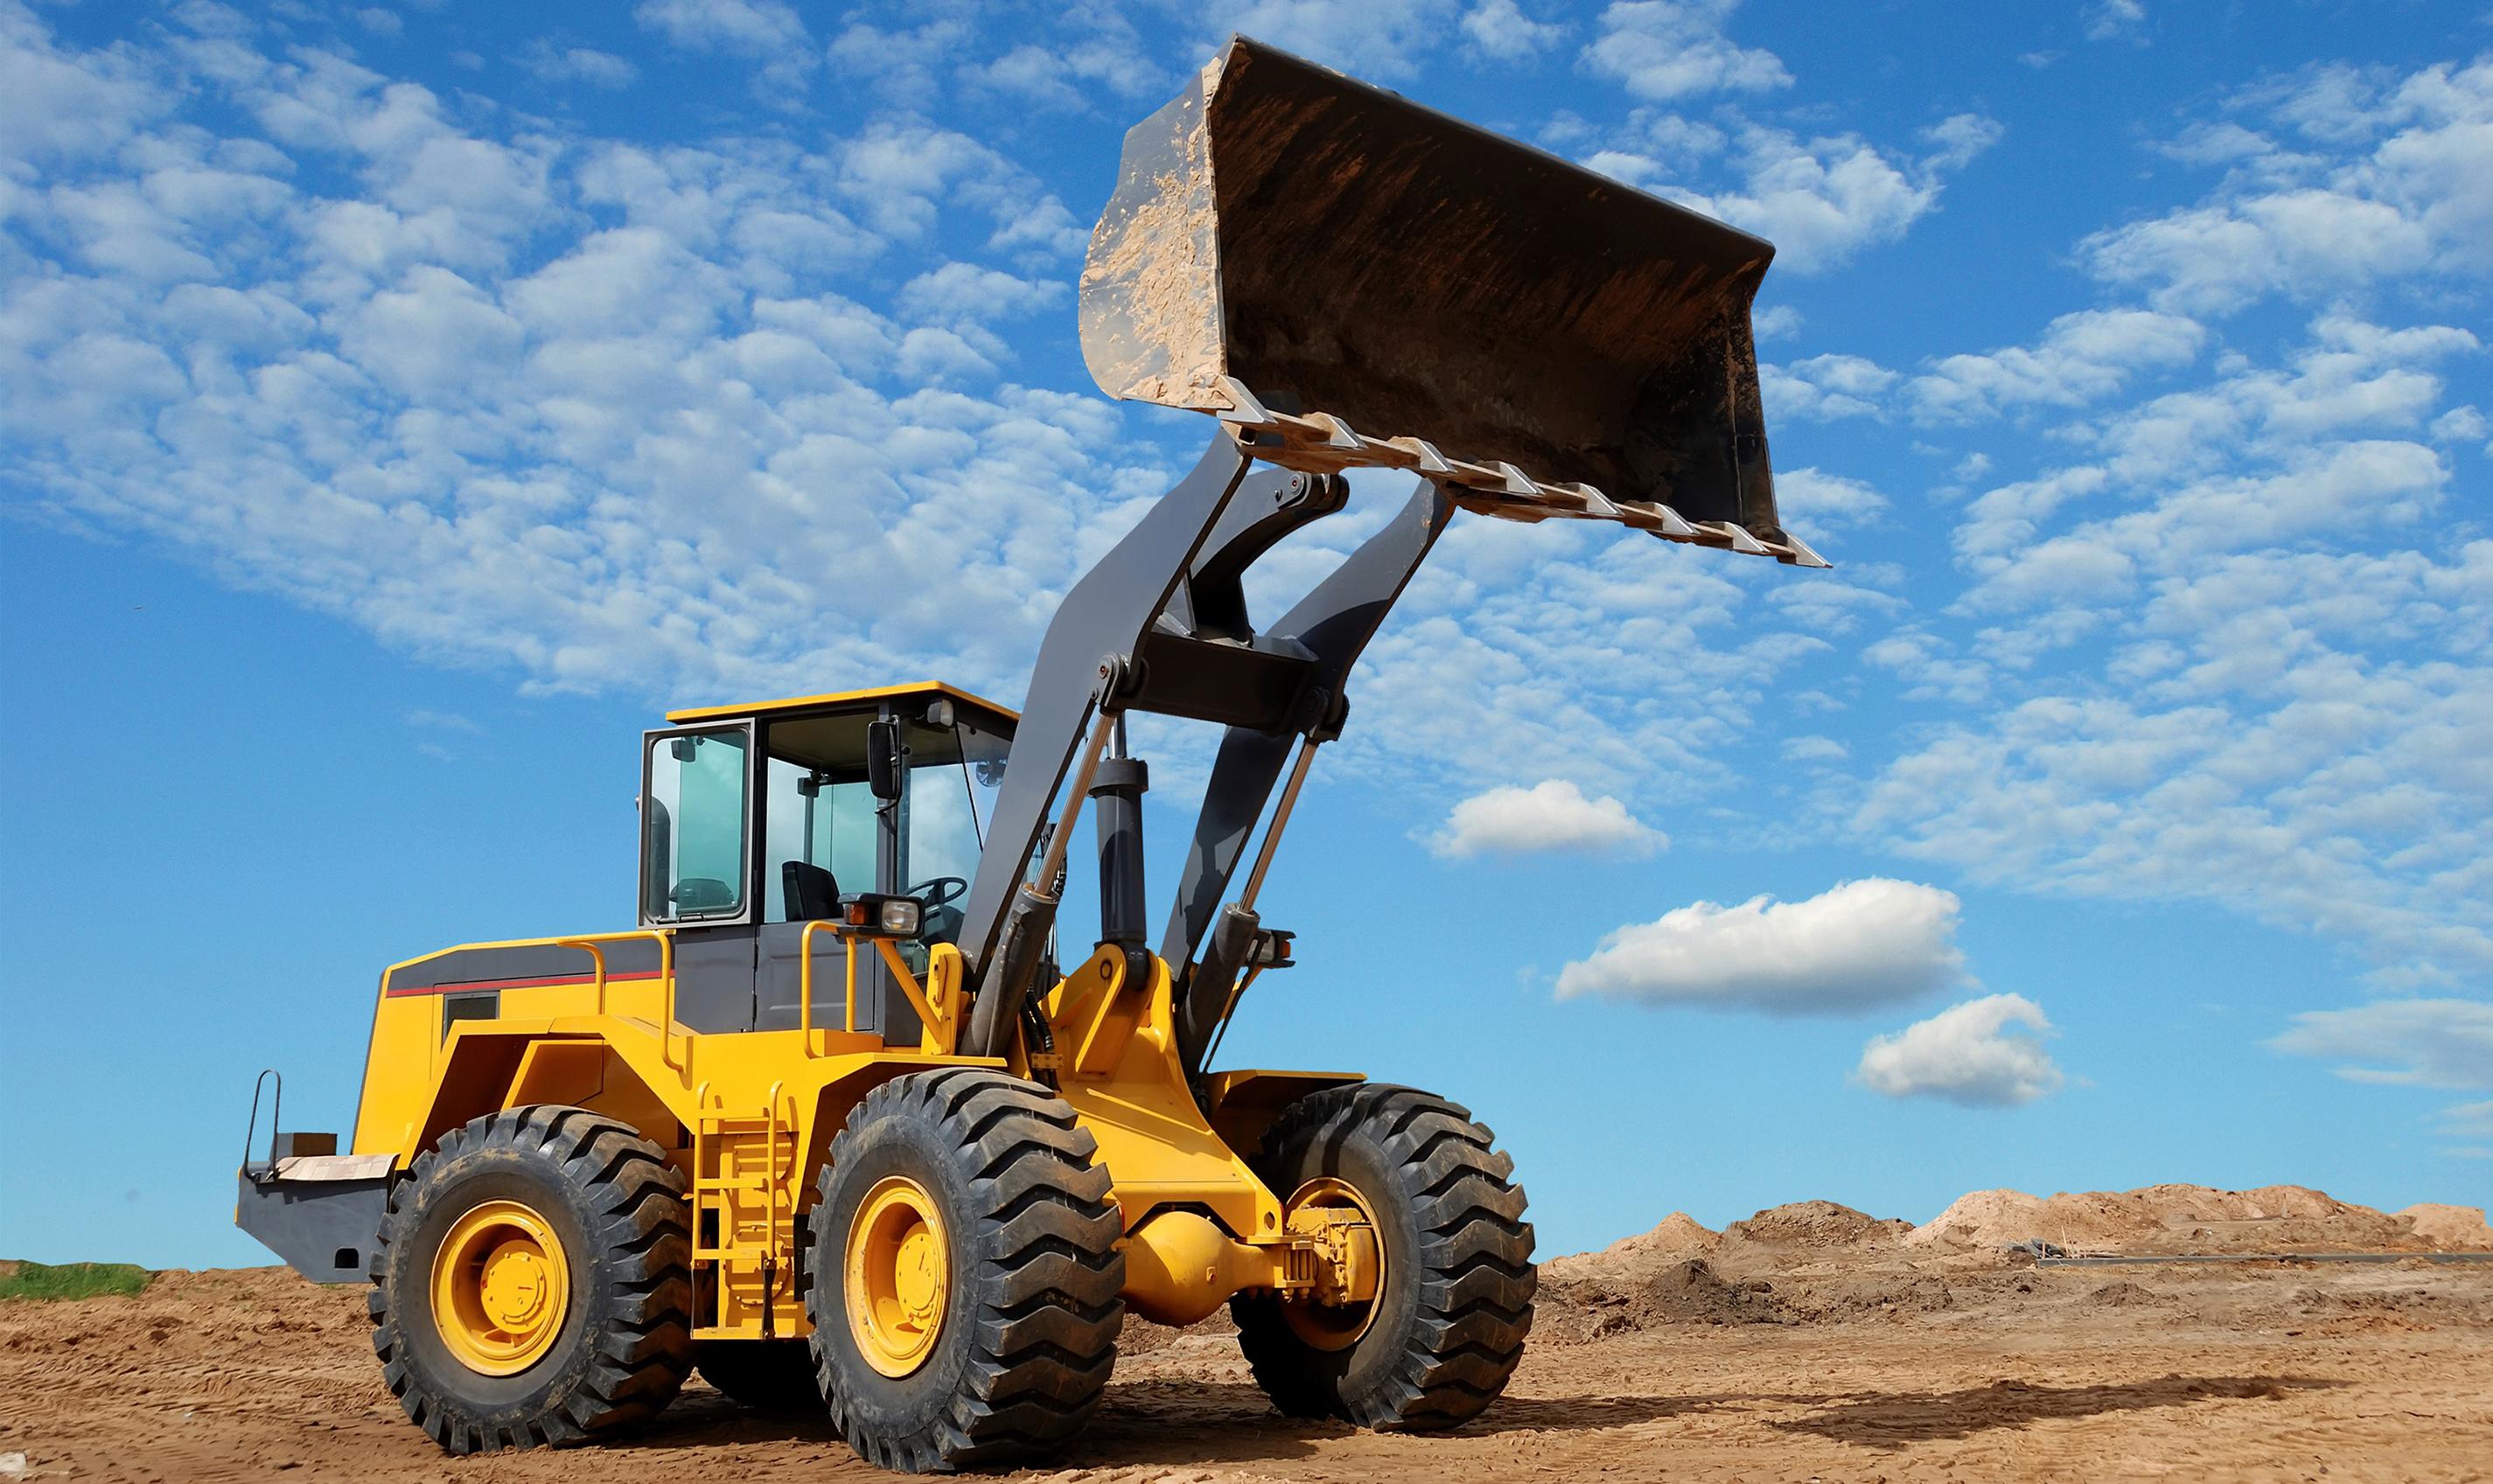 L'industrie se modernise, les équipements s'adaptent avec des systèmes automatisés